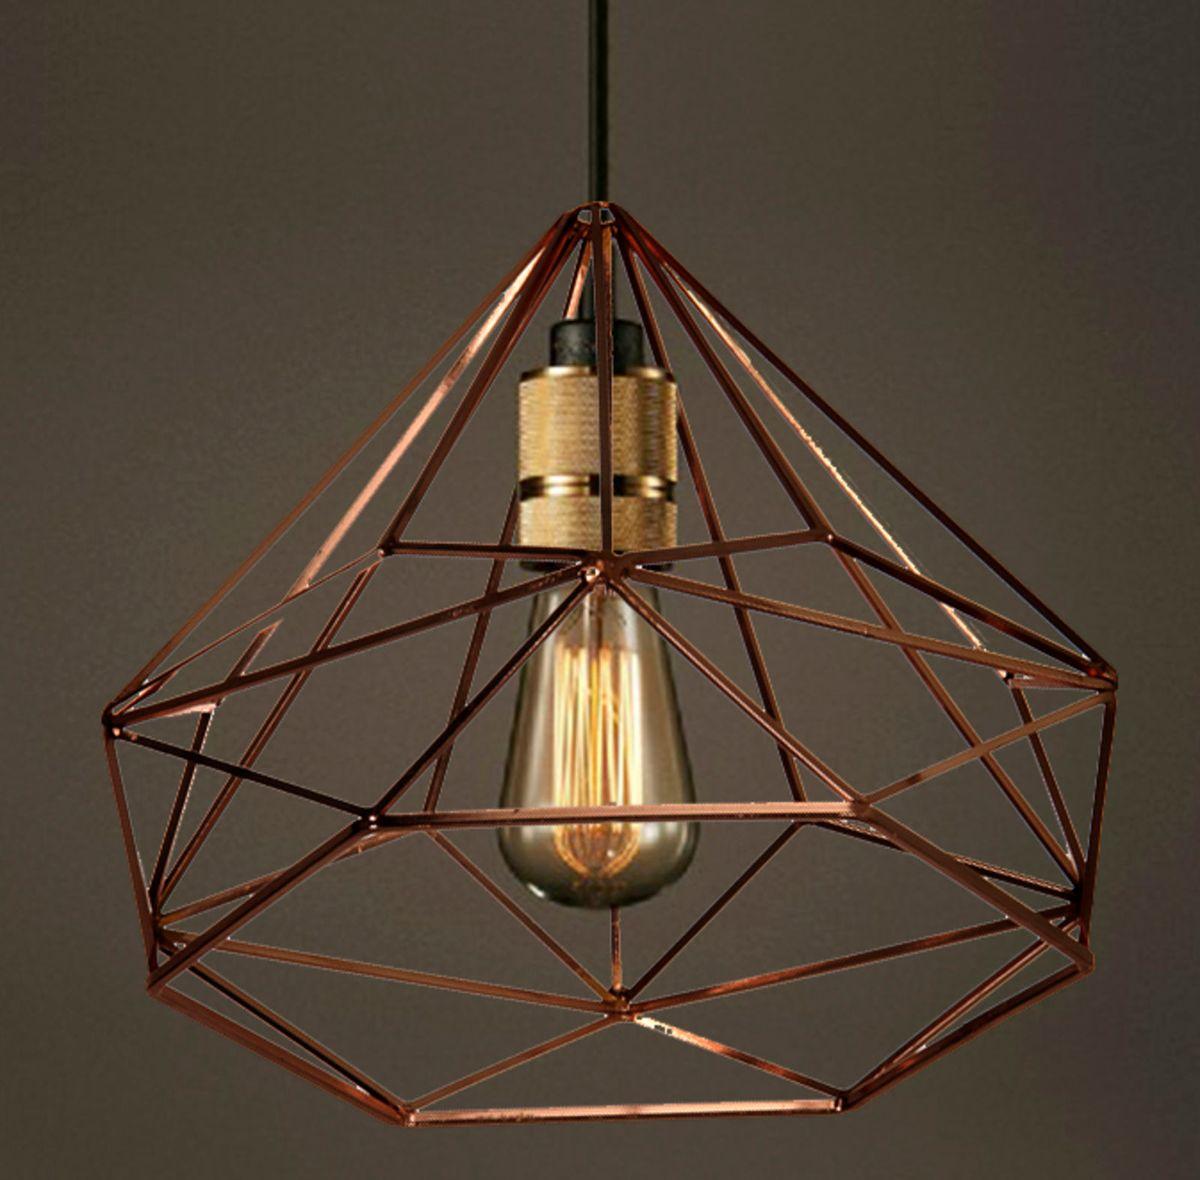 lustre diamante - pendente em cobre - iluminação dbertoli